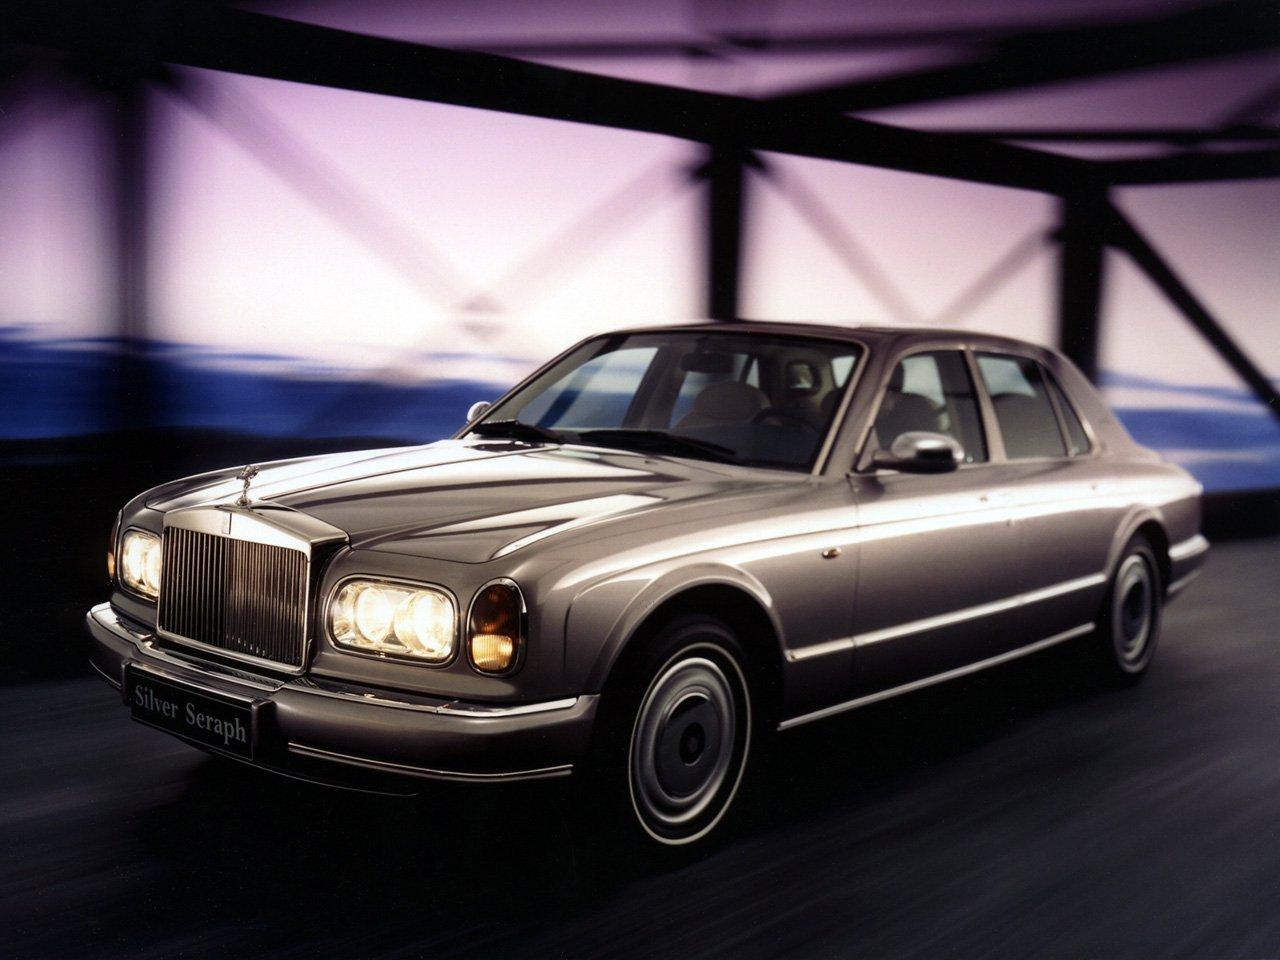 rolls_royce Rolls-Royce Silver Seraph